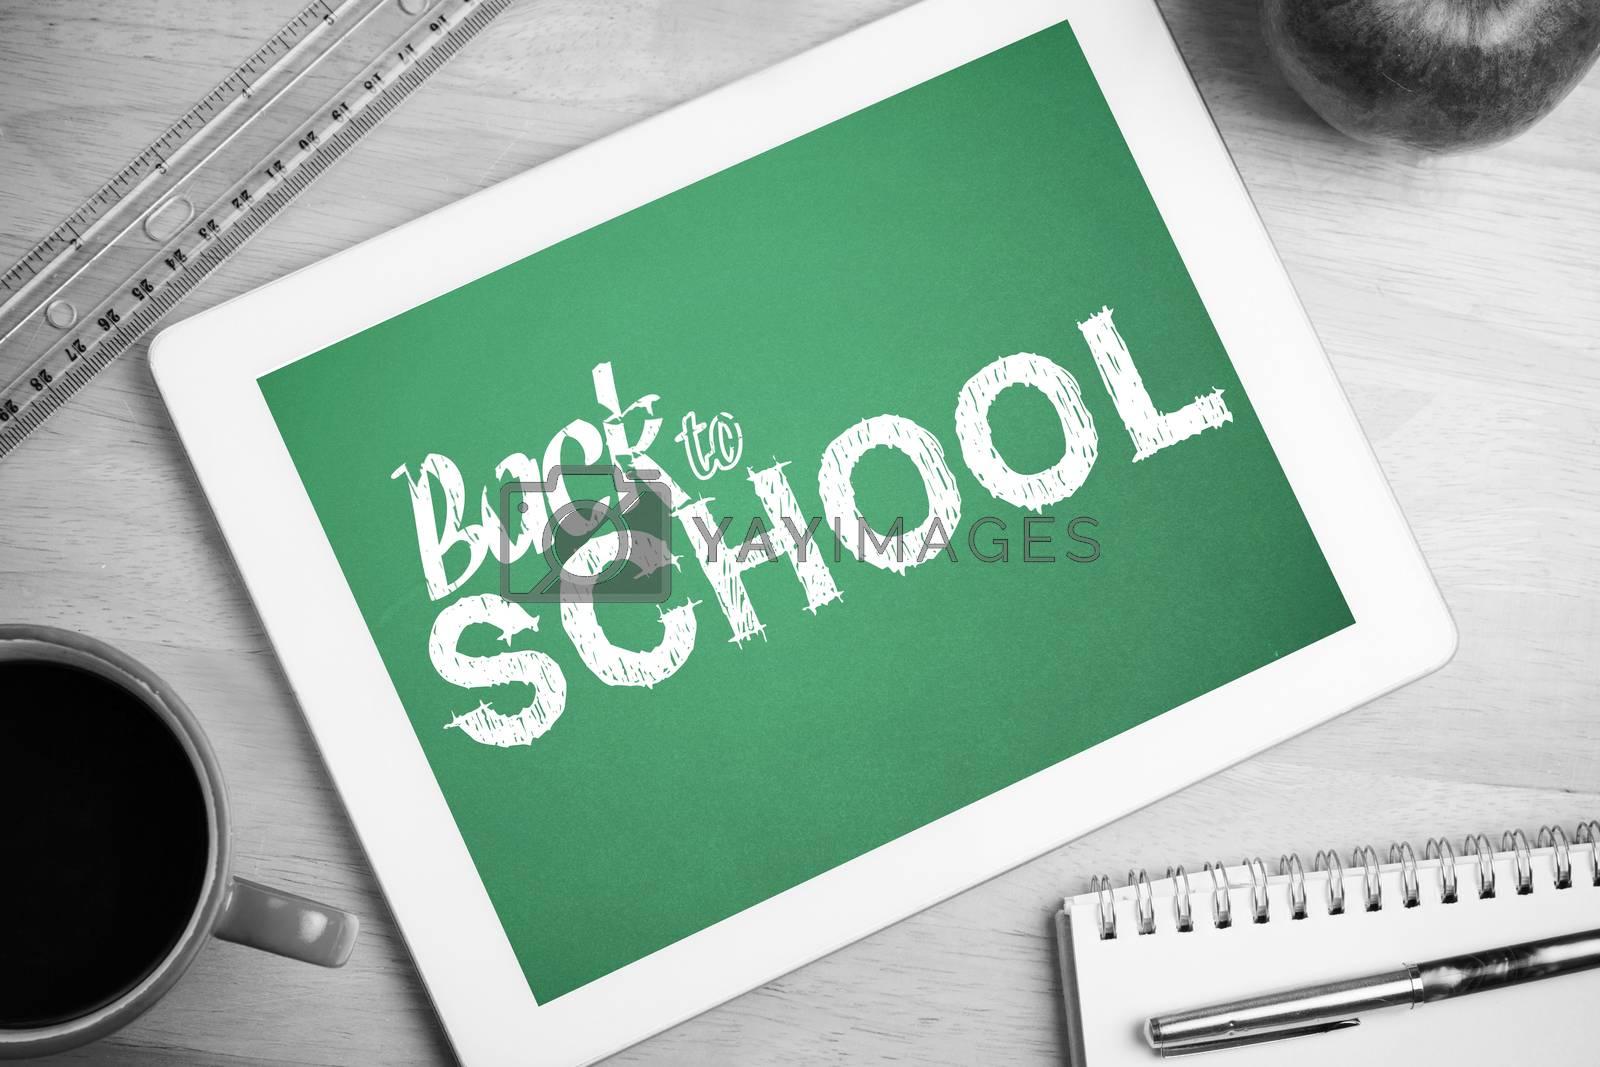 back to school against tablet on desk